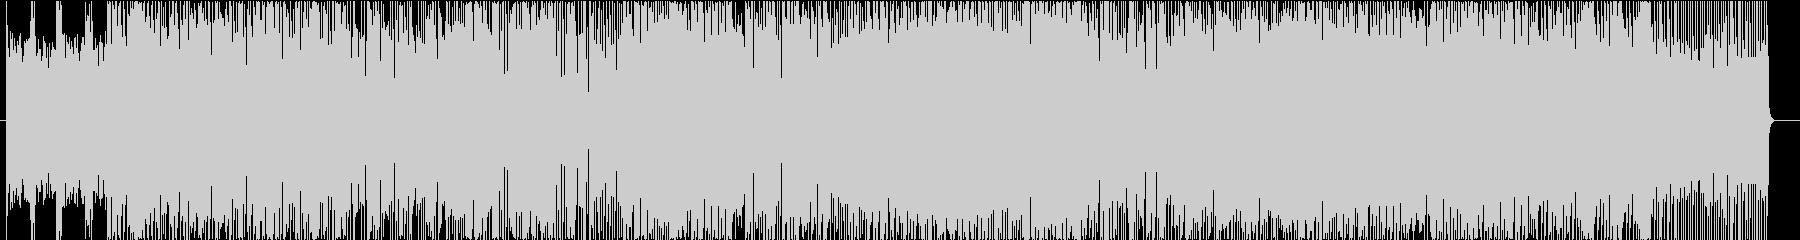 スリリングで複雑なピアノジャズロックの未再生の波形